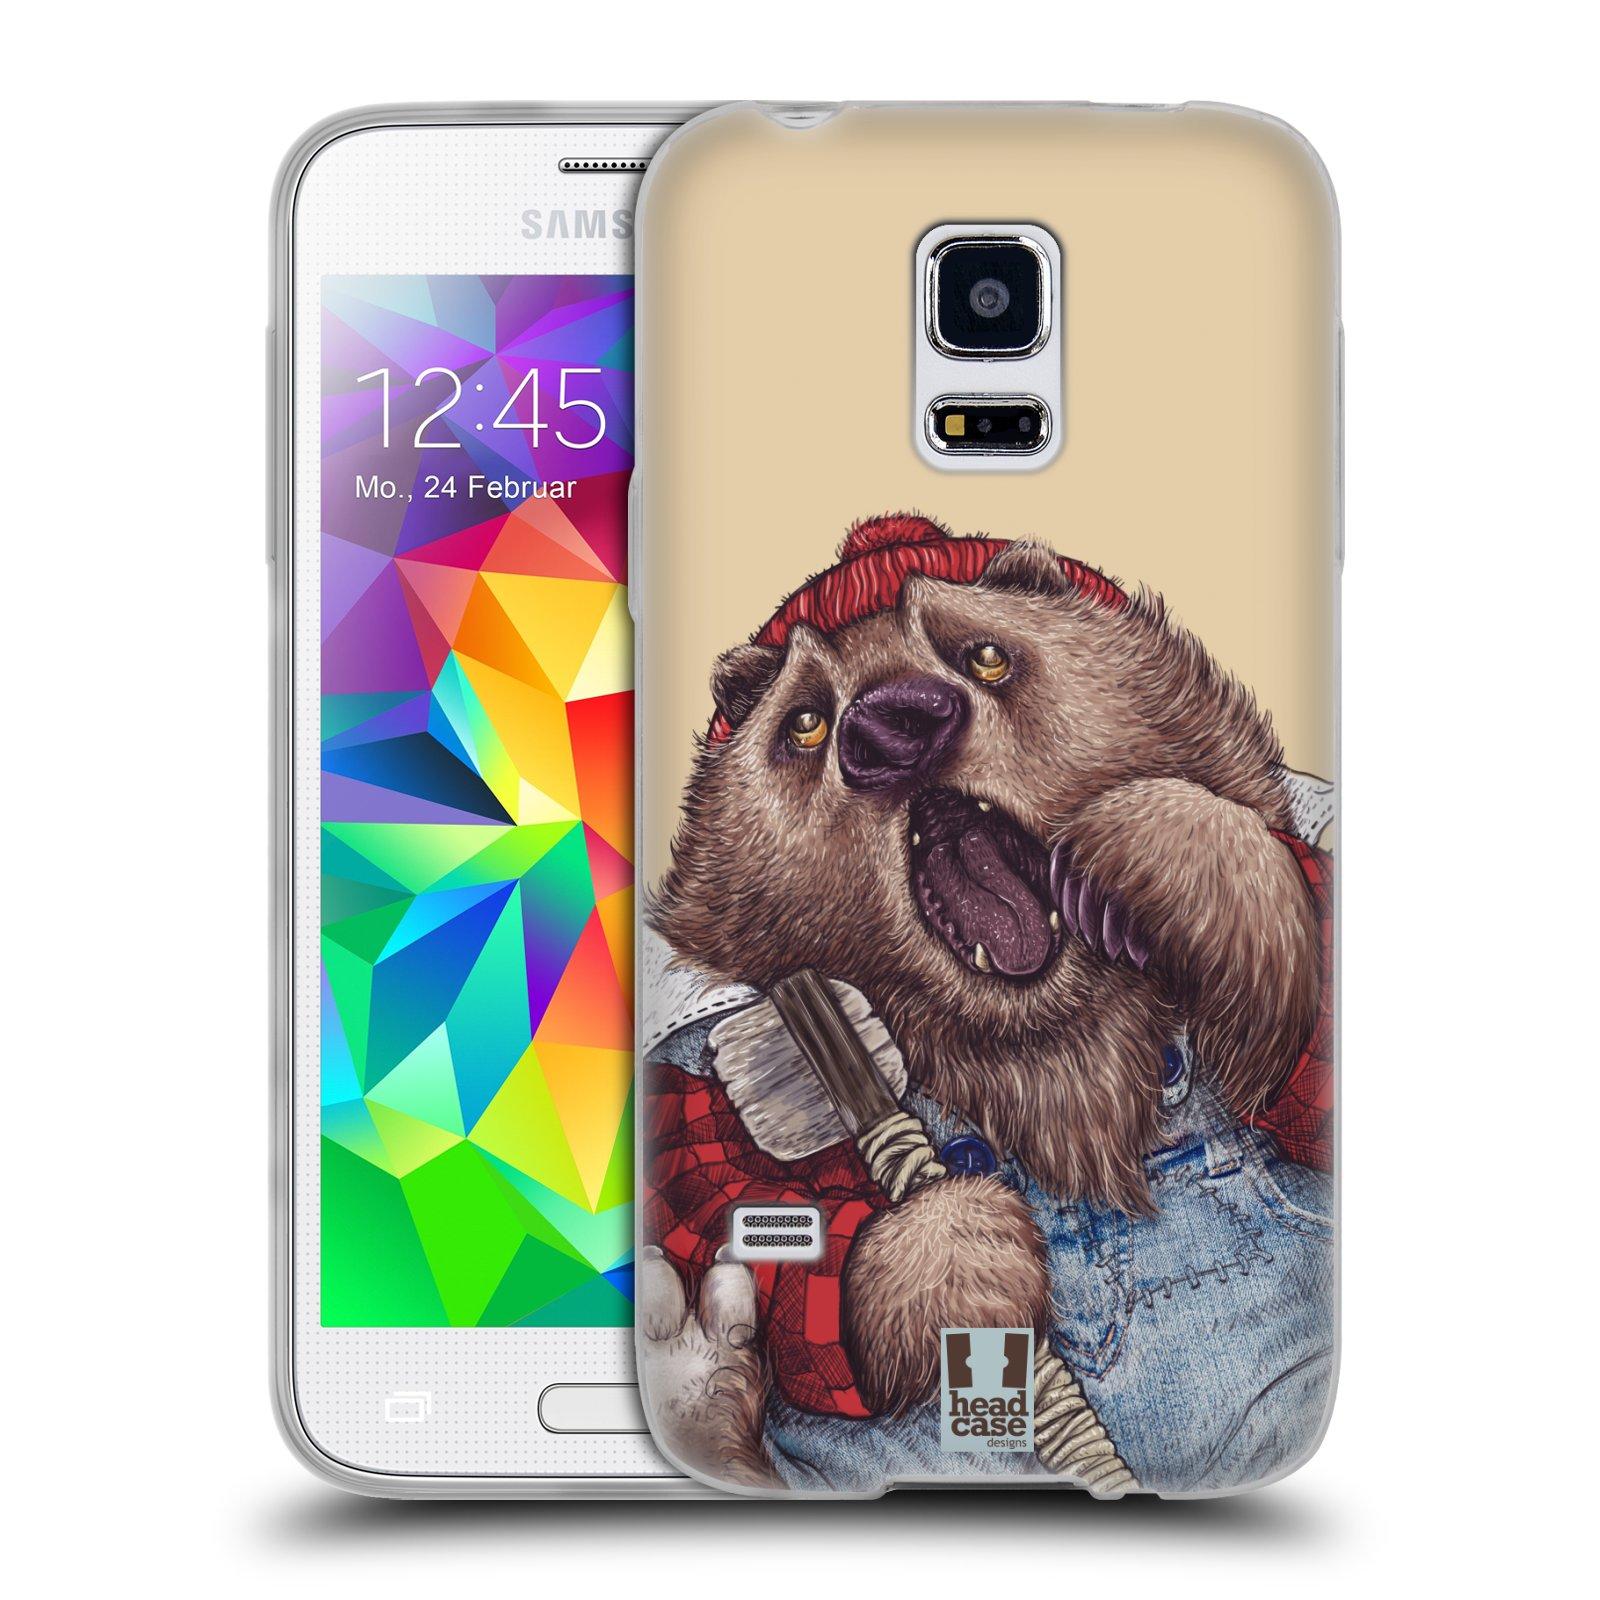 HEAD CASE silikonový obal na mobil Samsung Galaxy S5 MINI vzor Kreslená zvířátka medvěd